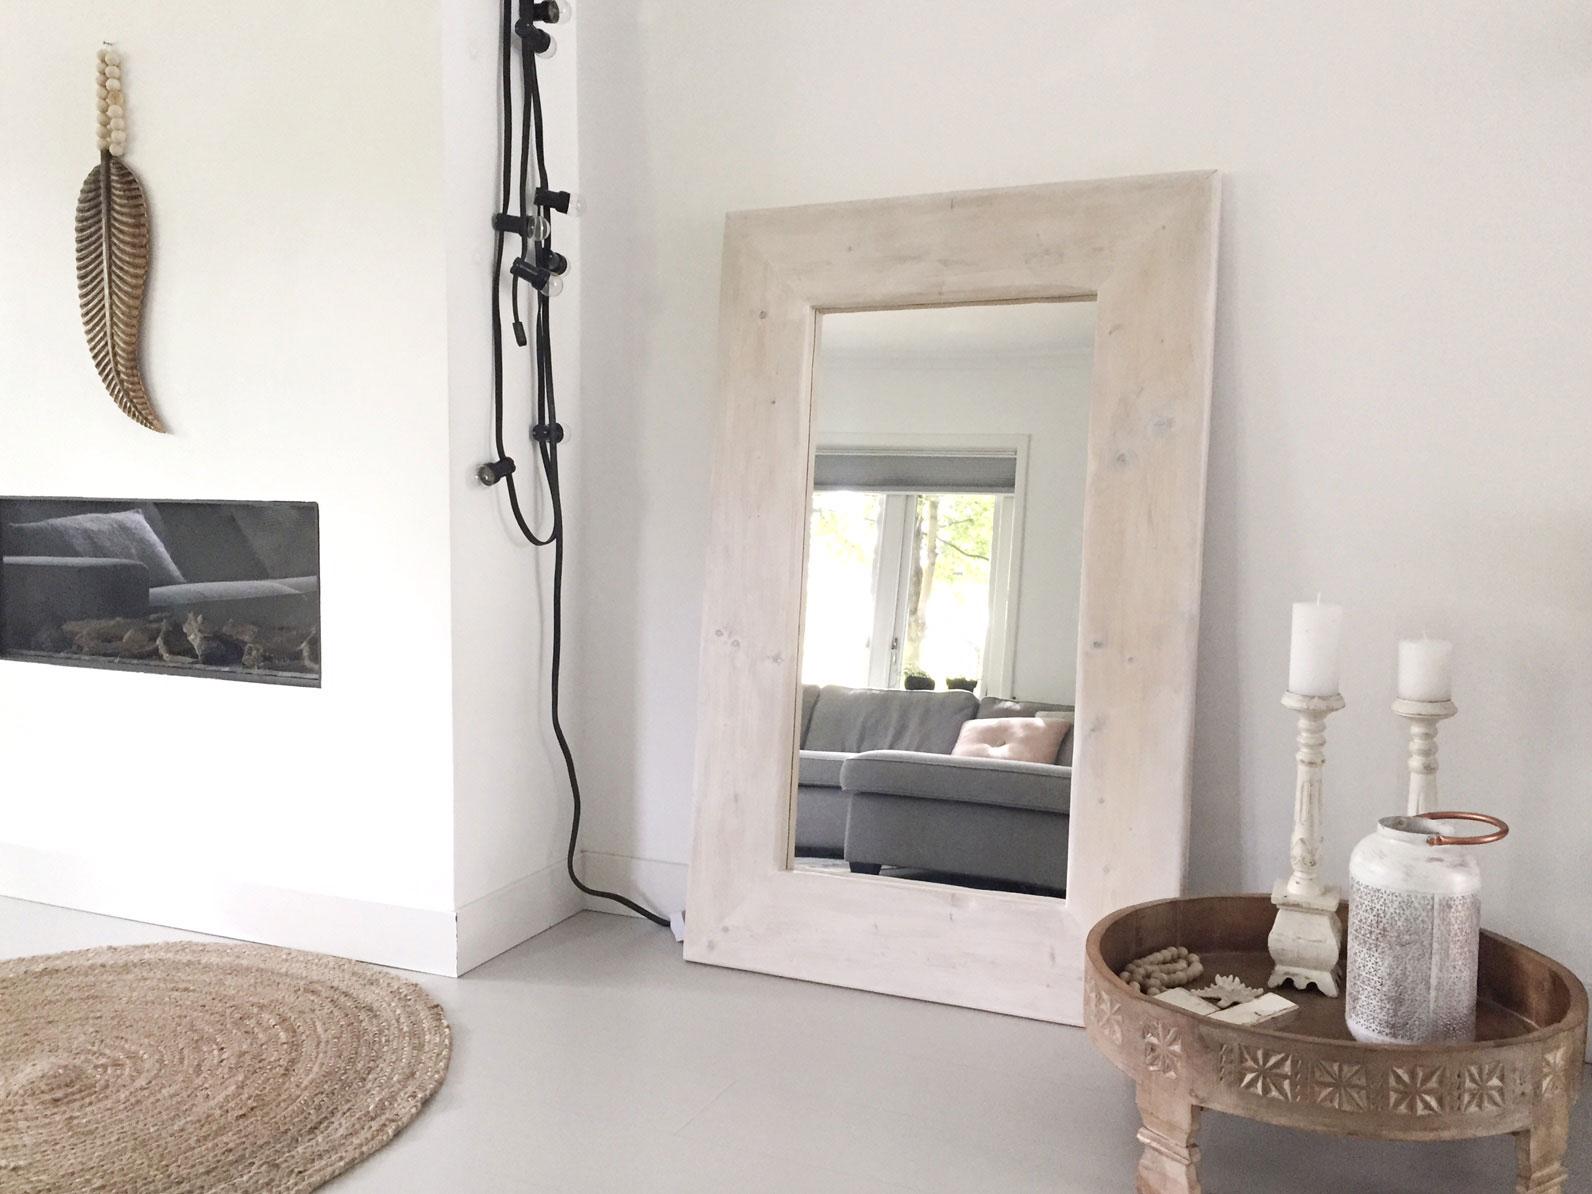 Grote Staande Spiegel : Grote spiegel woonkamer kopen cool spiegel tuin intratuin